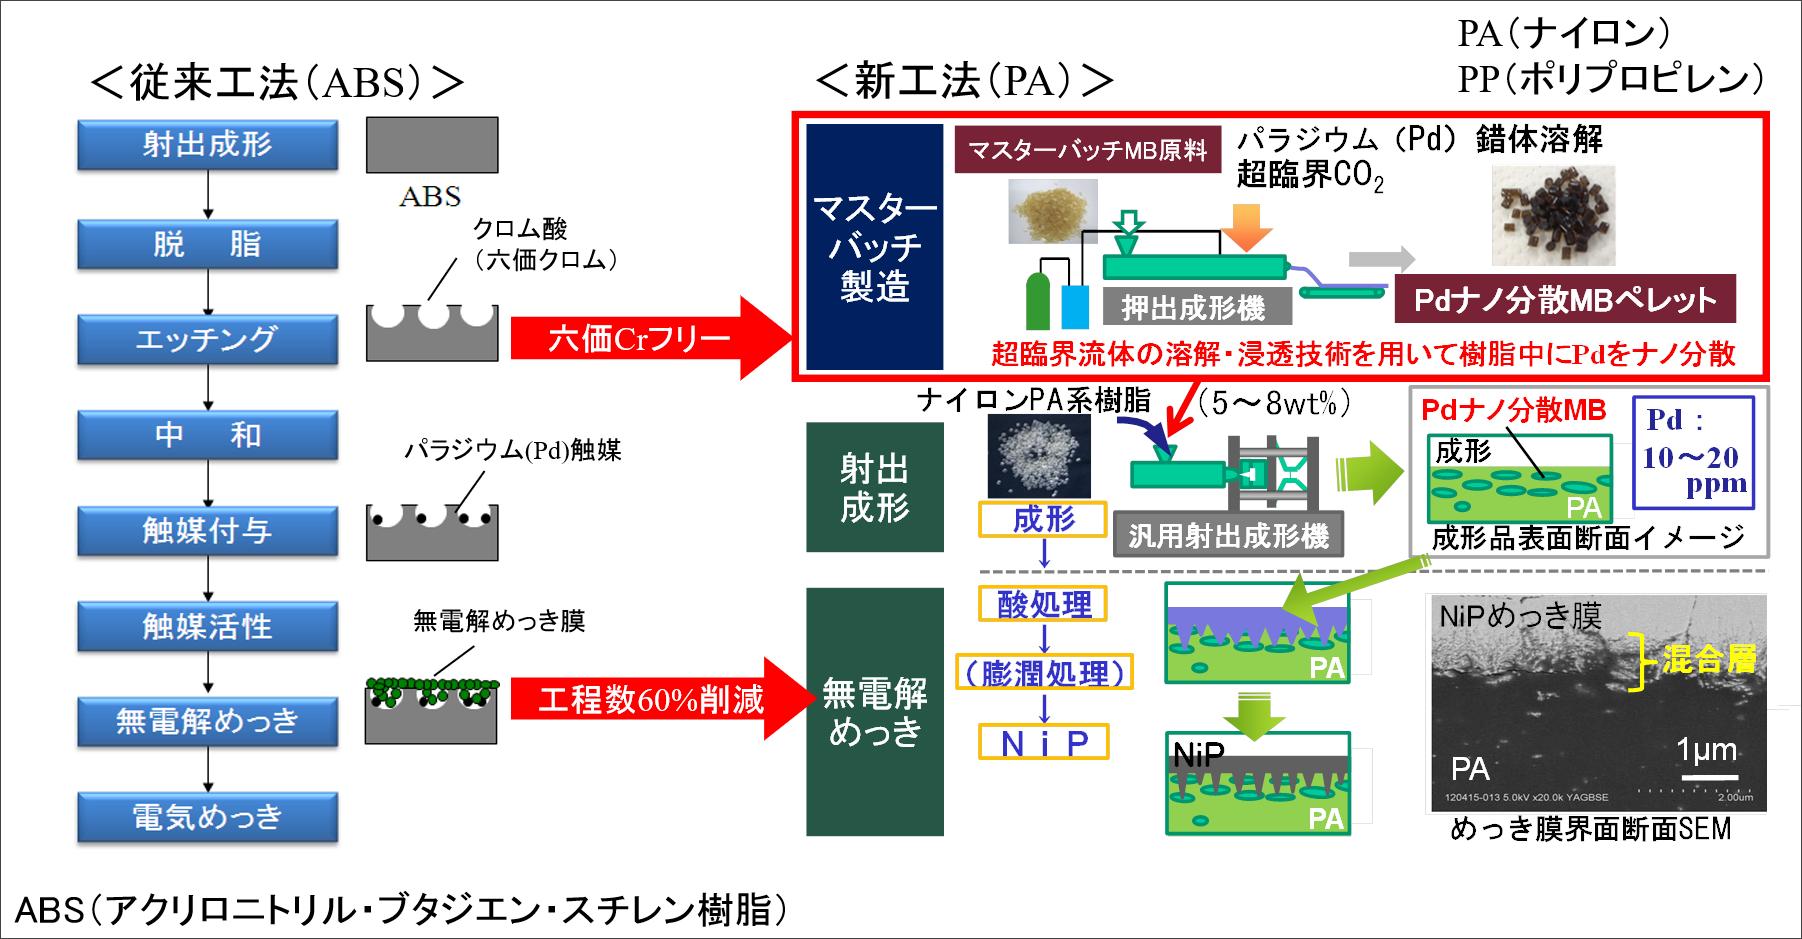 従来樹脂めっき技術課題(ABS法)とマスターバッチ法の比較